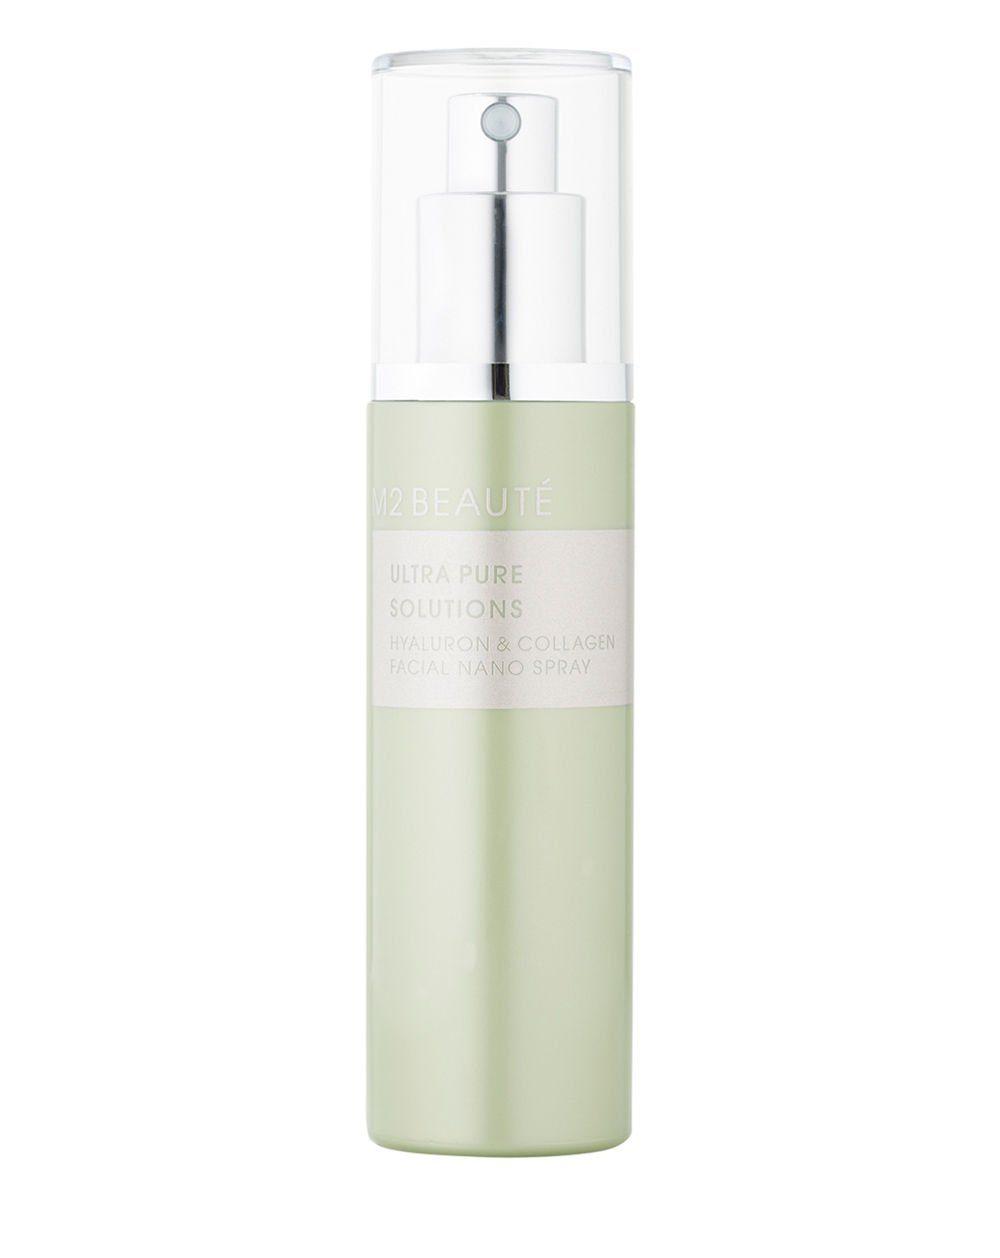 M2 Beauté Gesichtsserum »Hyaluron & Collagen Facial Nano Spray«